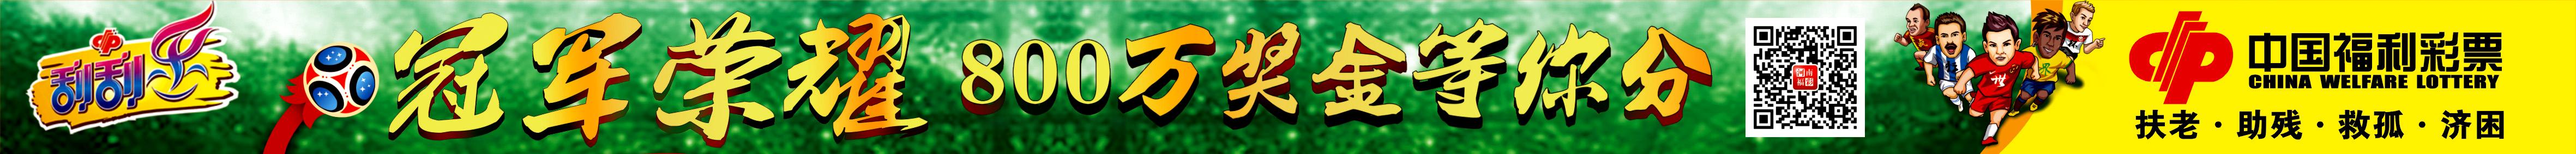 福彩广告180716